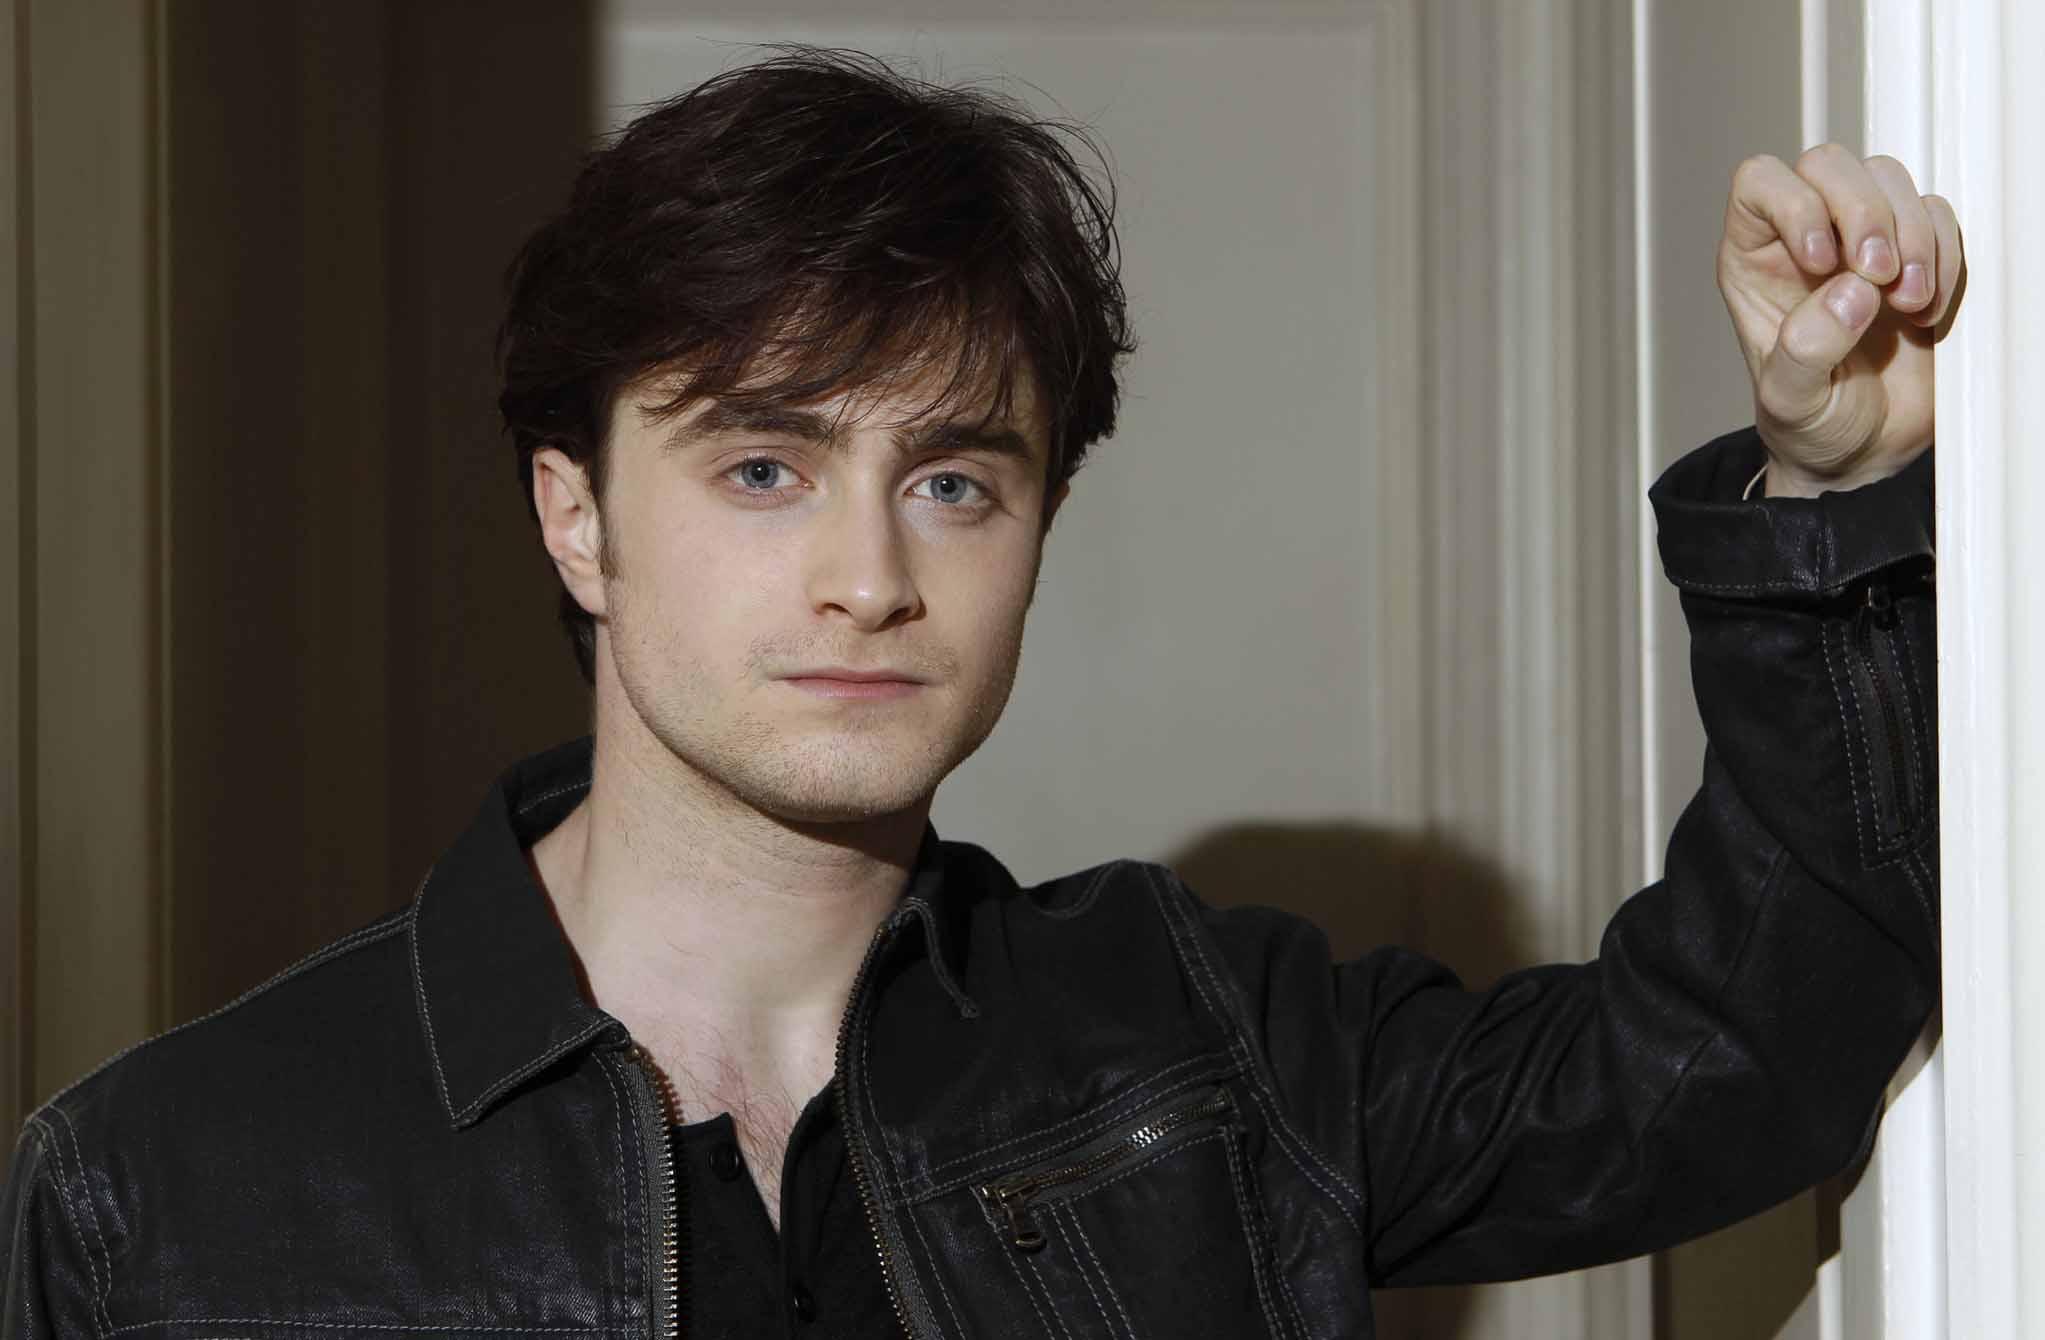 Daniel Radcliffe Desktop HD Wallpaper 55520 2045x1340px 2045x1340